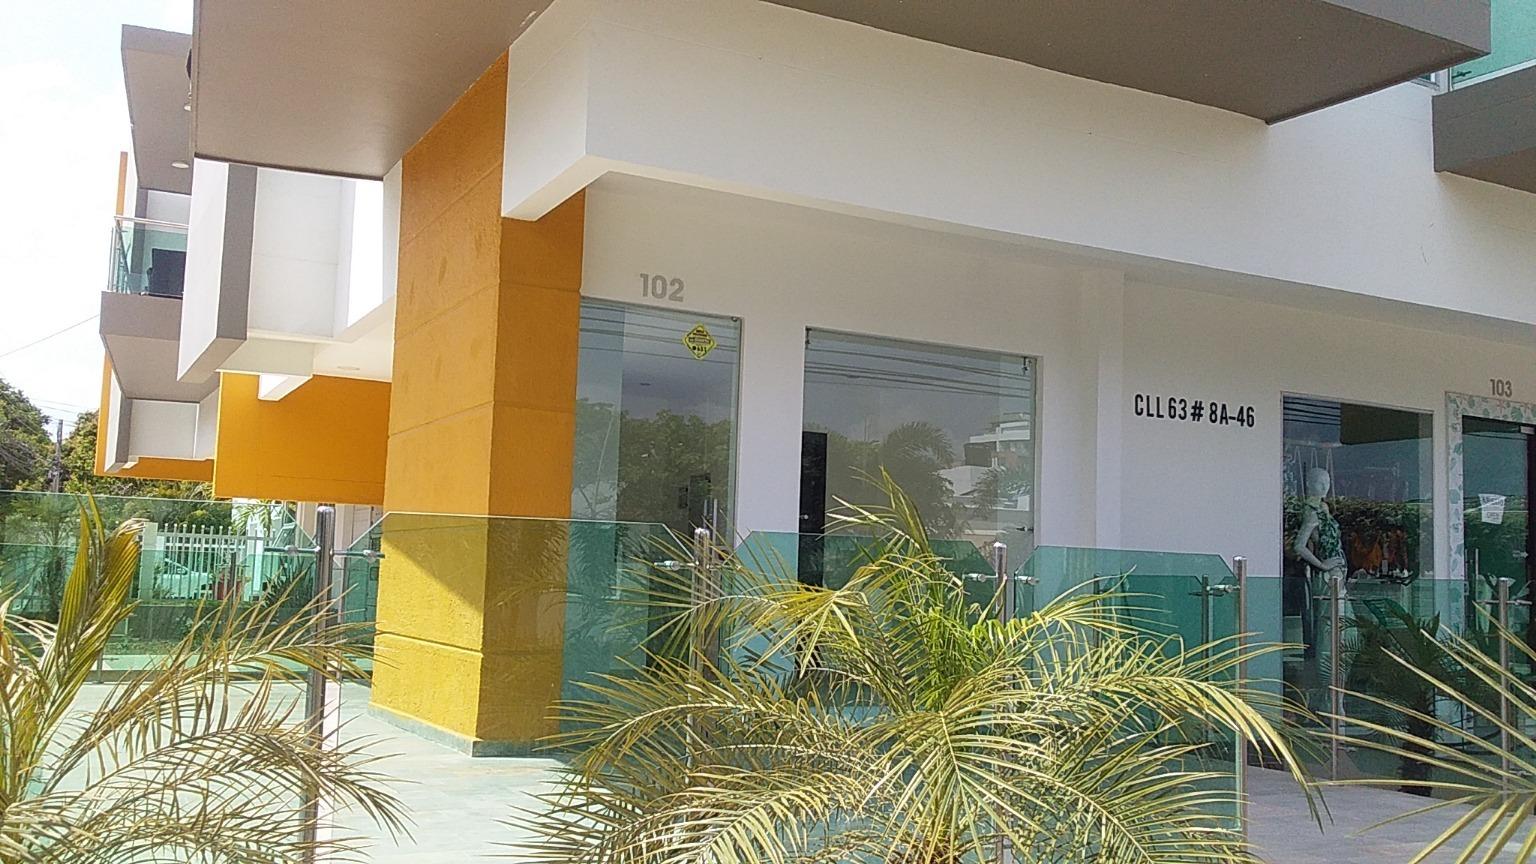 97144 - Local comercial disponible para arriendo en barrio La Castellana